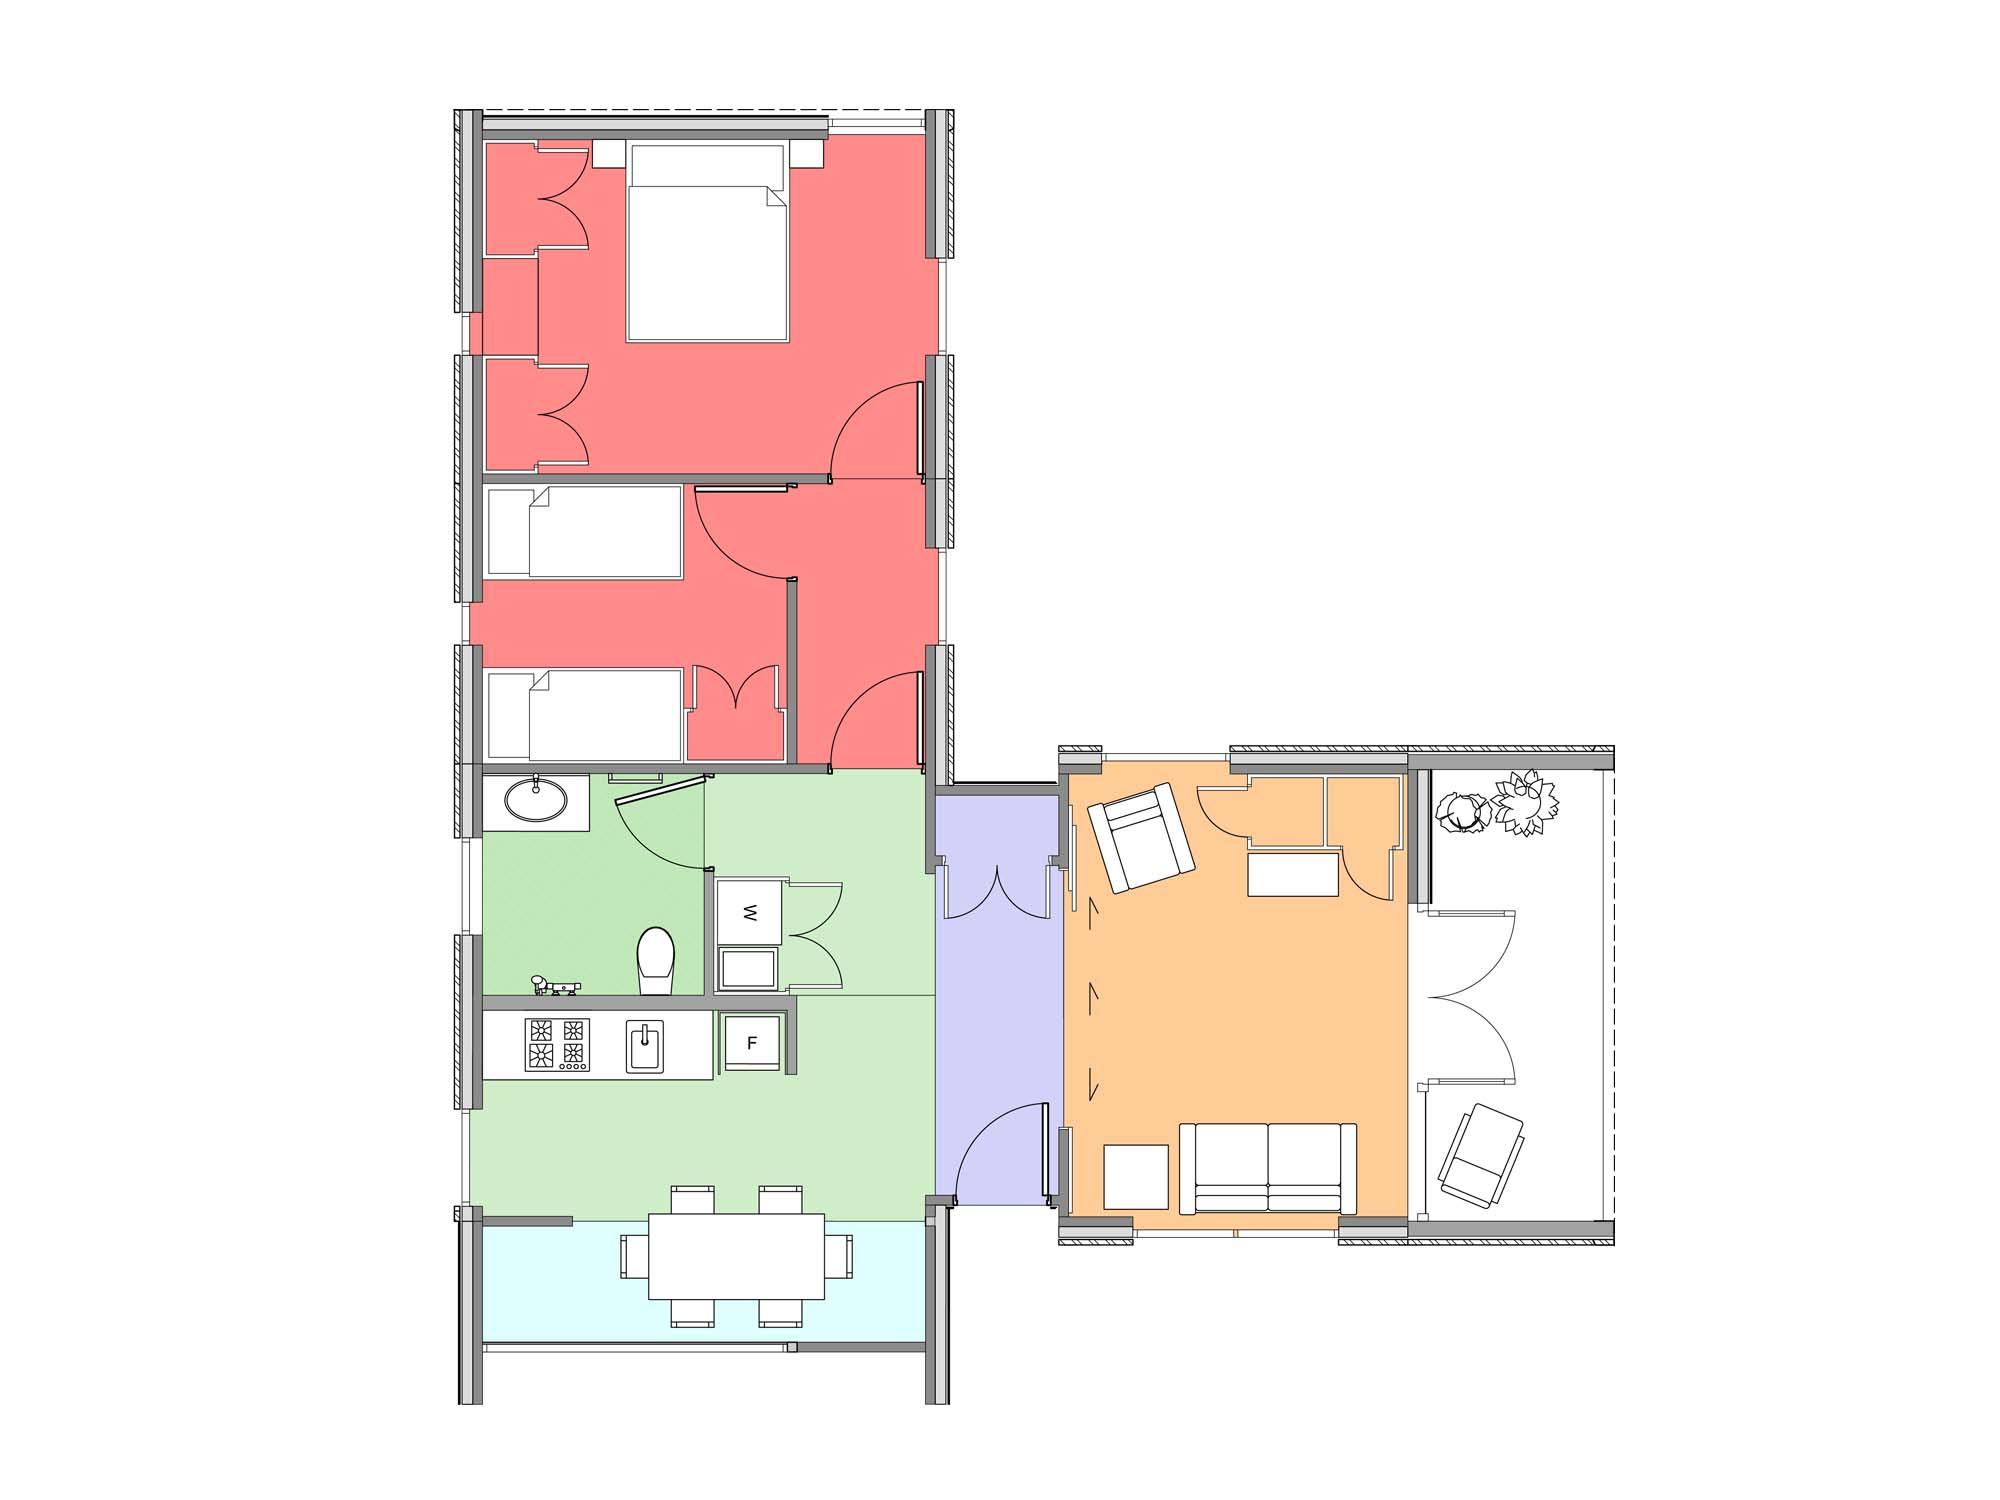 Plan of Te Whare-iti TWI 28